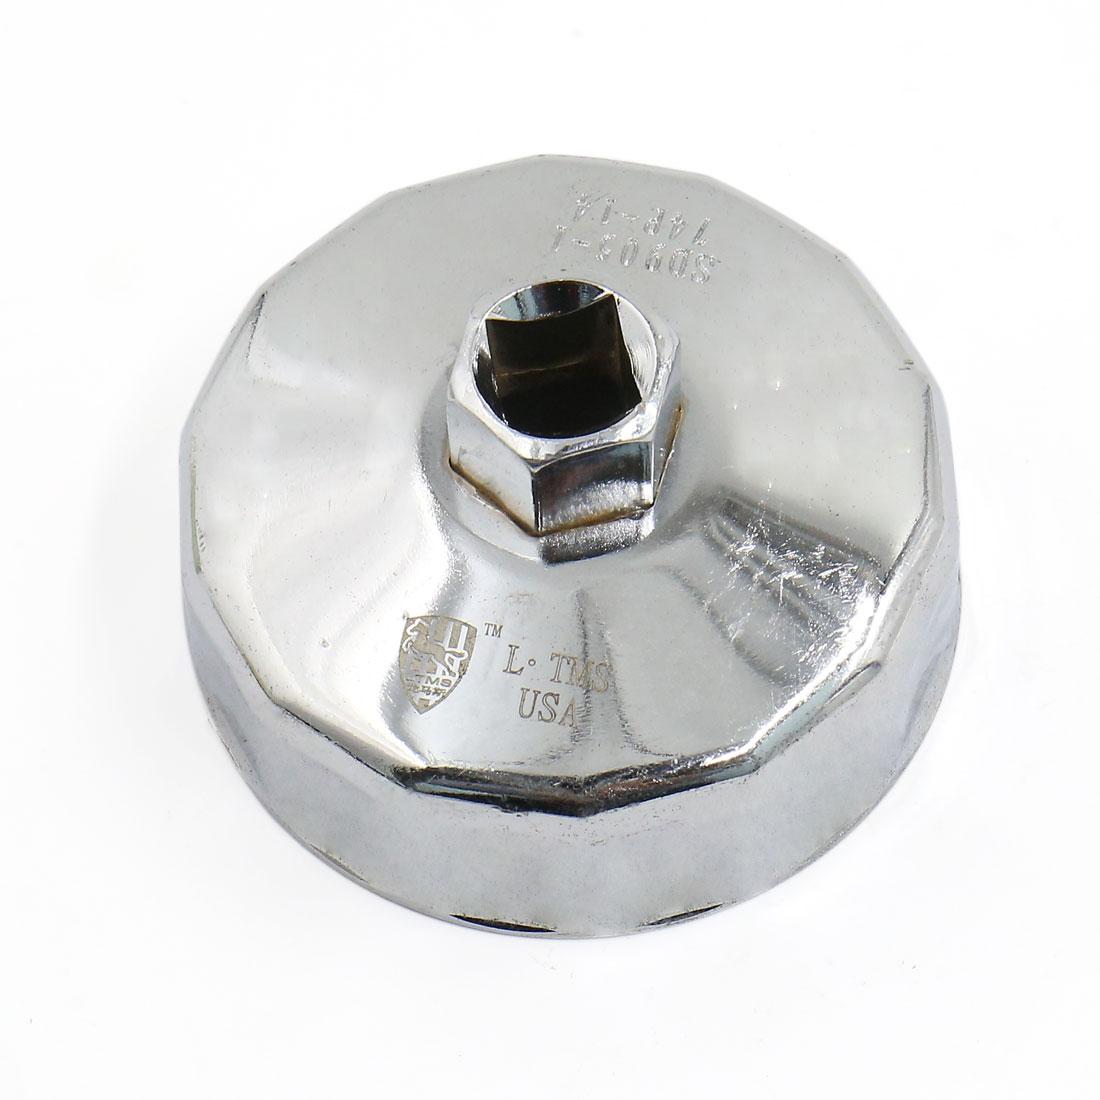 74mm Inner Diameter Cap Stycle Stainless Steel Oil Filter Wrench 14 Flutes for Car